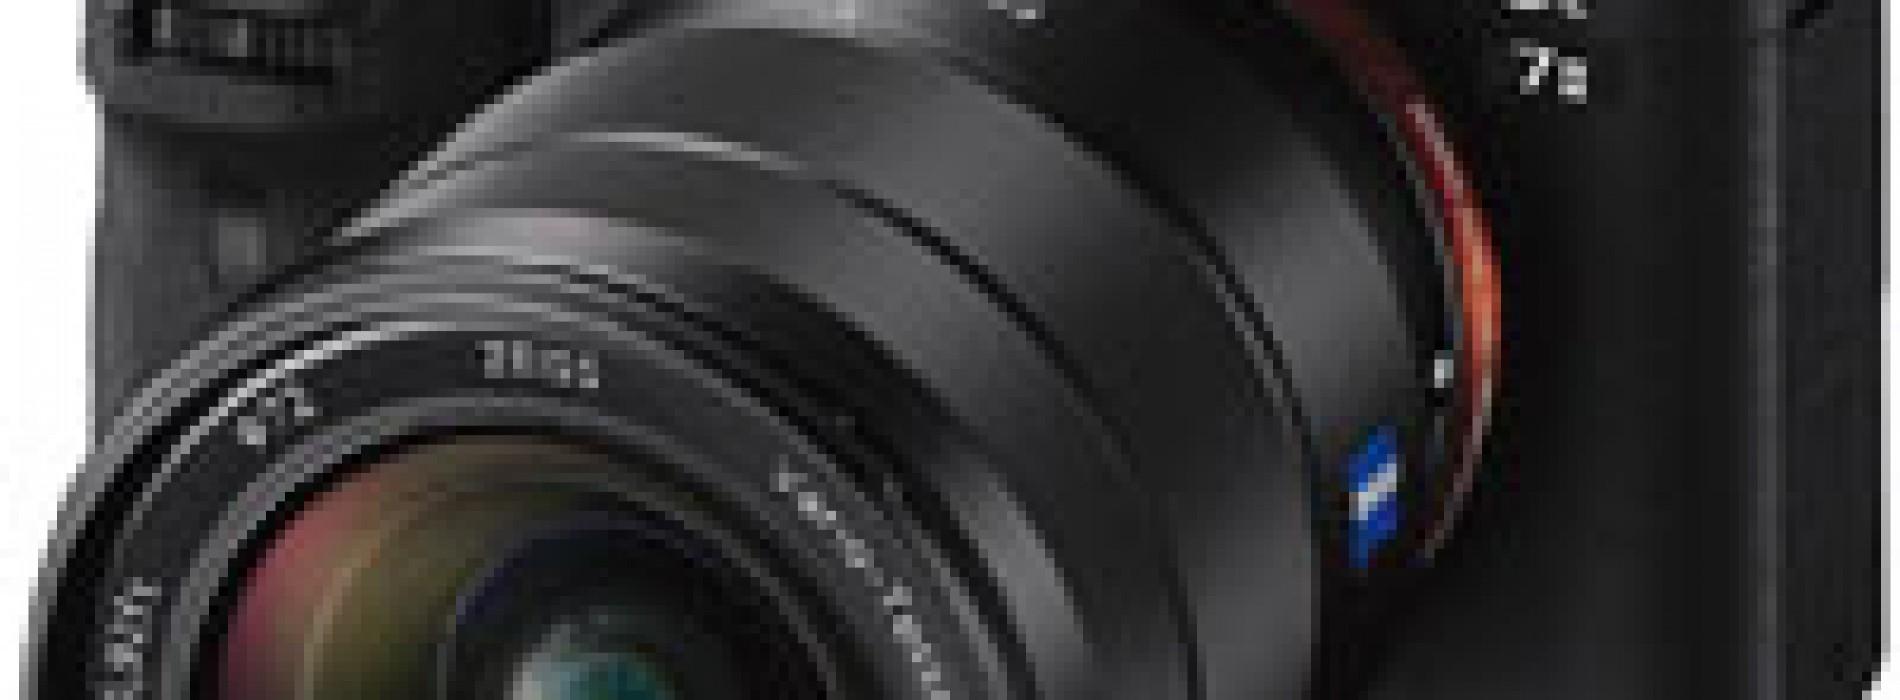 Presentan cámara de fotograma completo y estabilización óptica de imagen